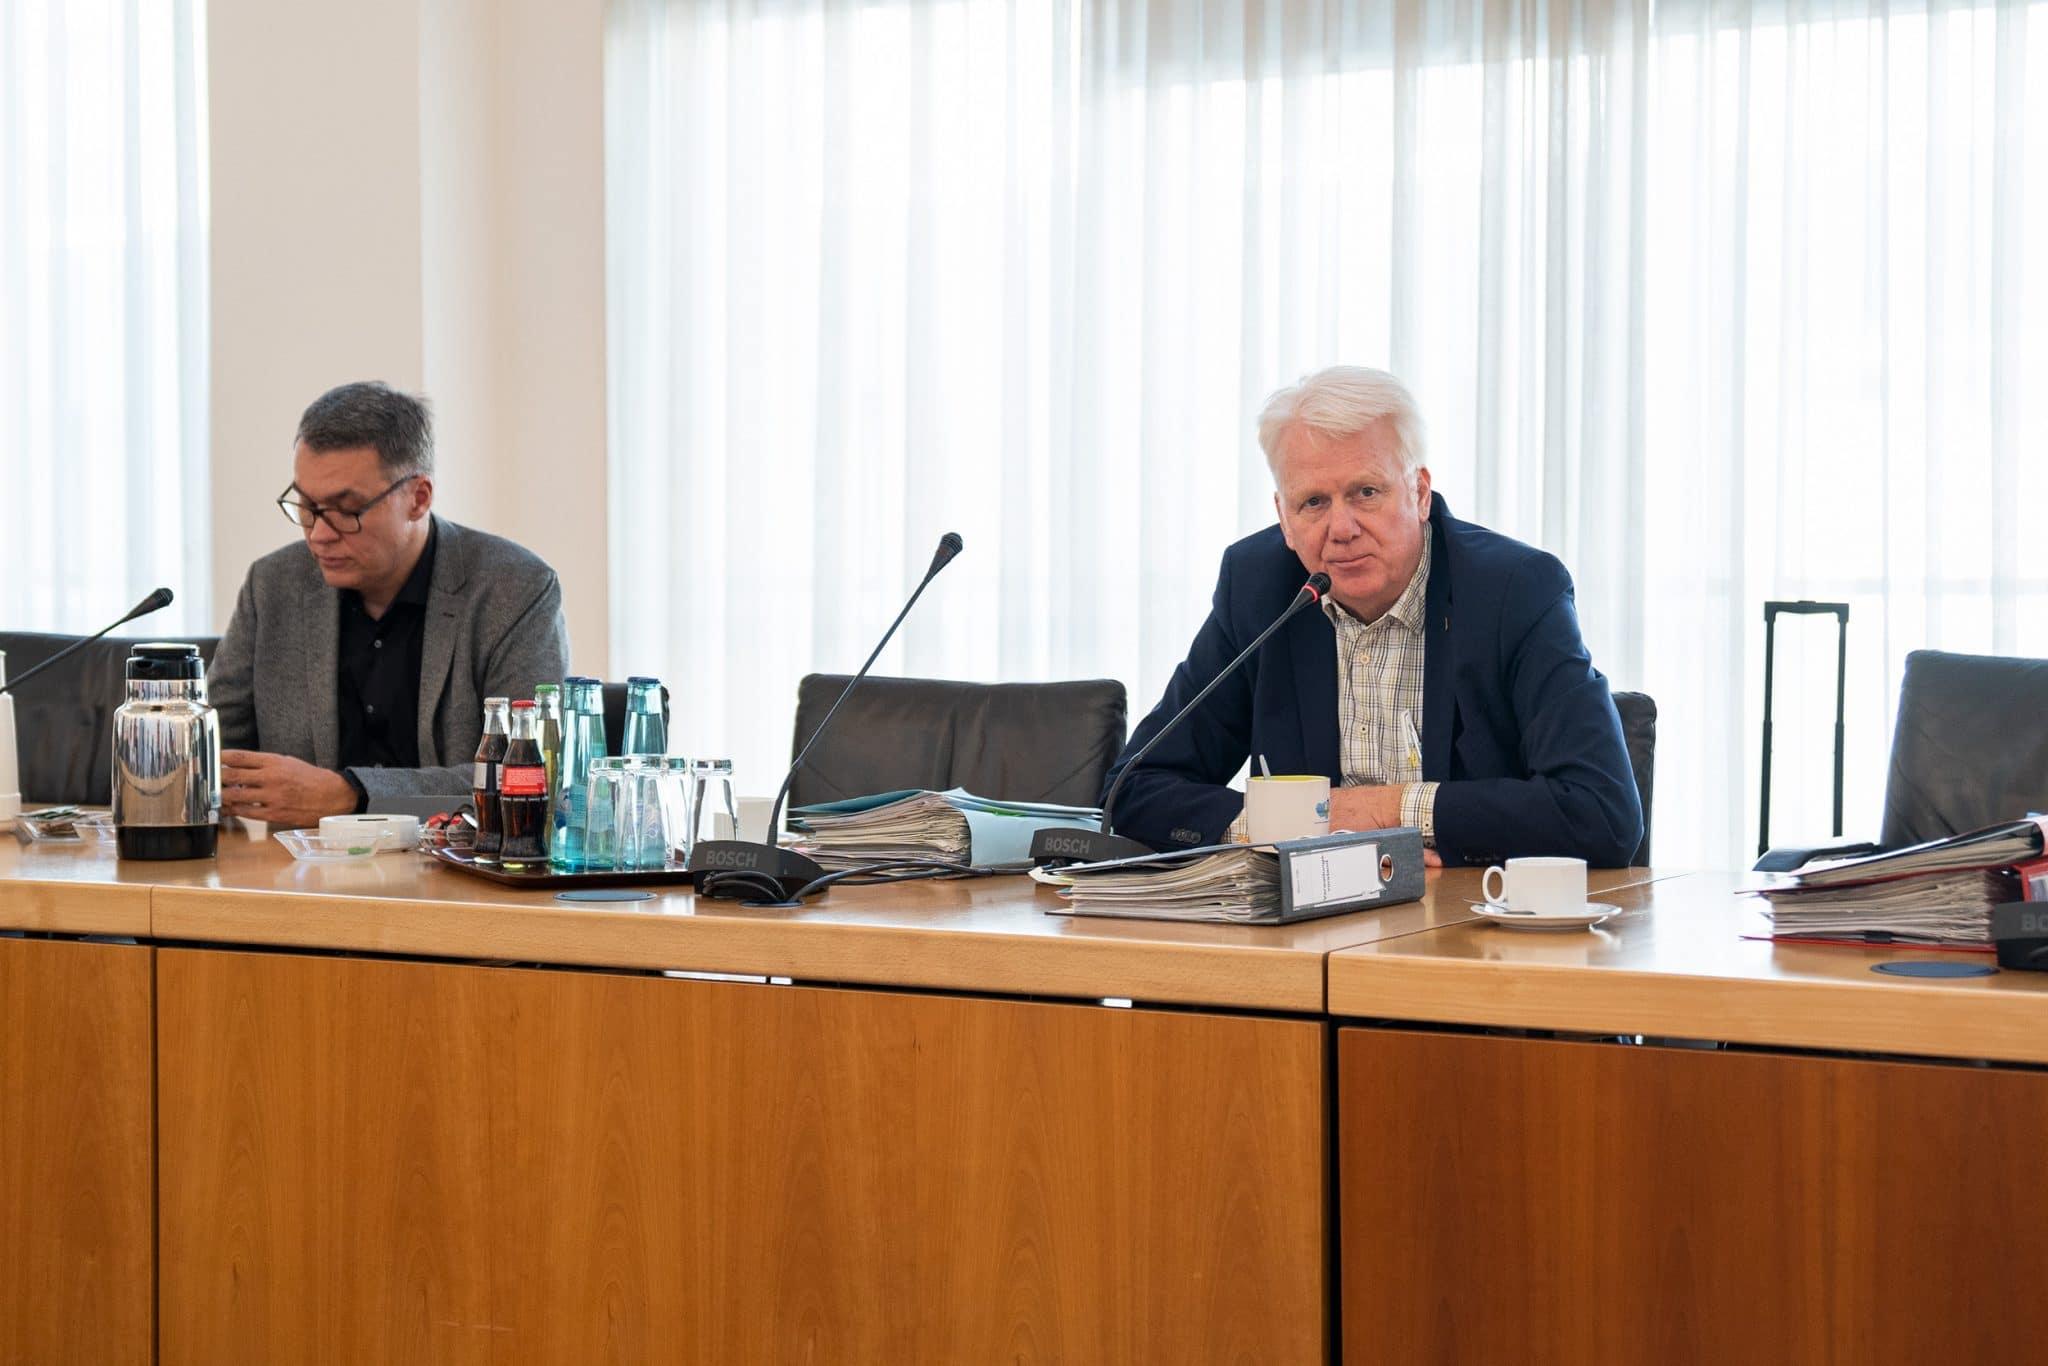 Oberbürgermeister Ullrich Sierau bei der Pressekonferenz am 17.03.2020. Auch bei der PK wurde der geforderte Mindestabstand eingehalten. (Foto: IN-Stadtmagazine)